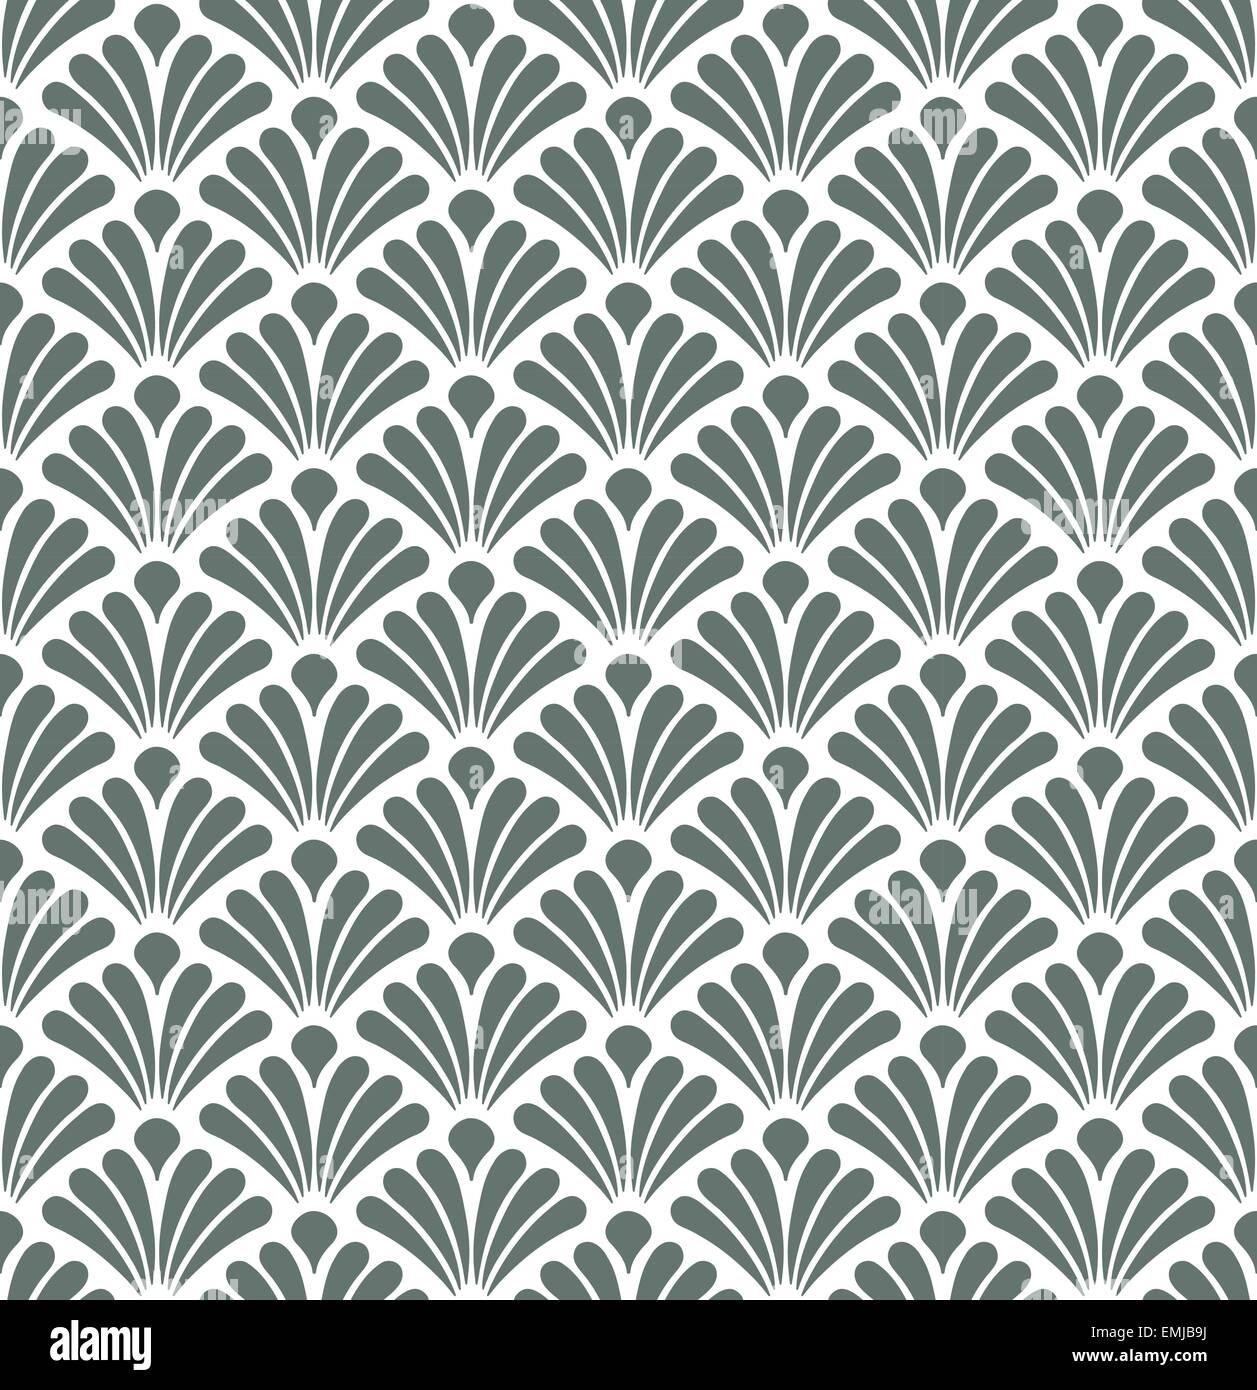 Abstracción Geométrica perfecta fondo motif patrón Imagen De Stock